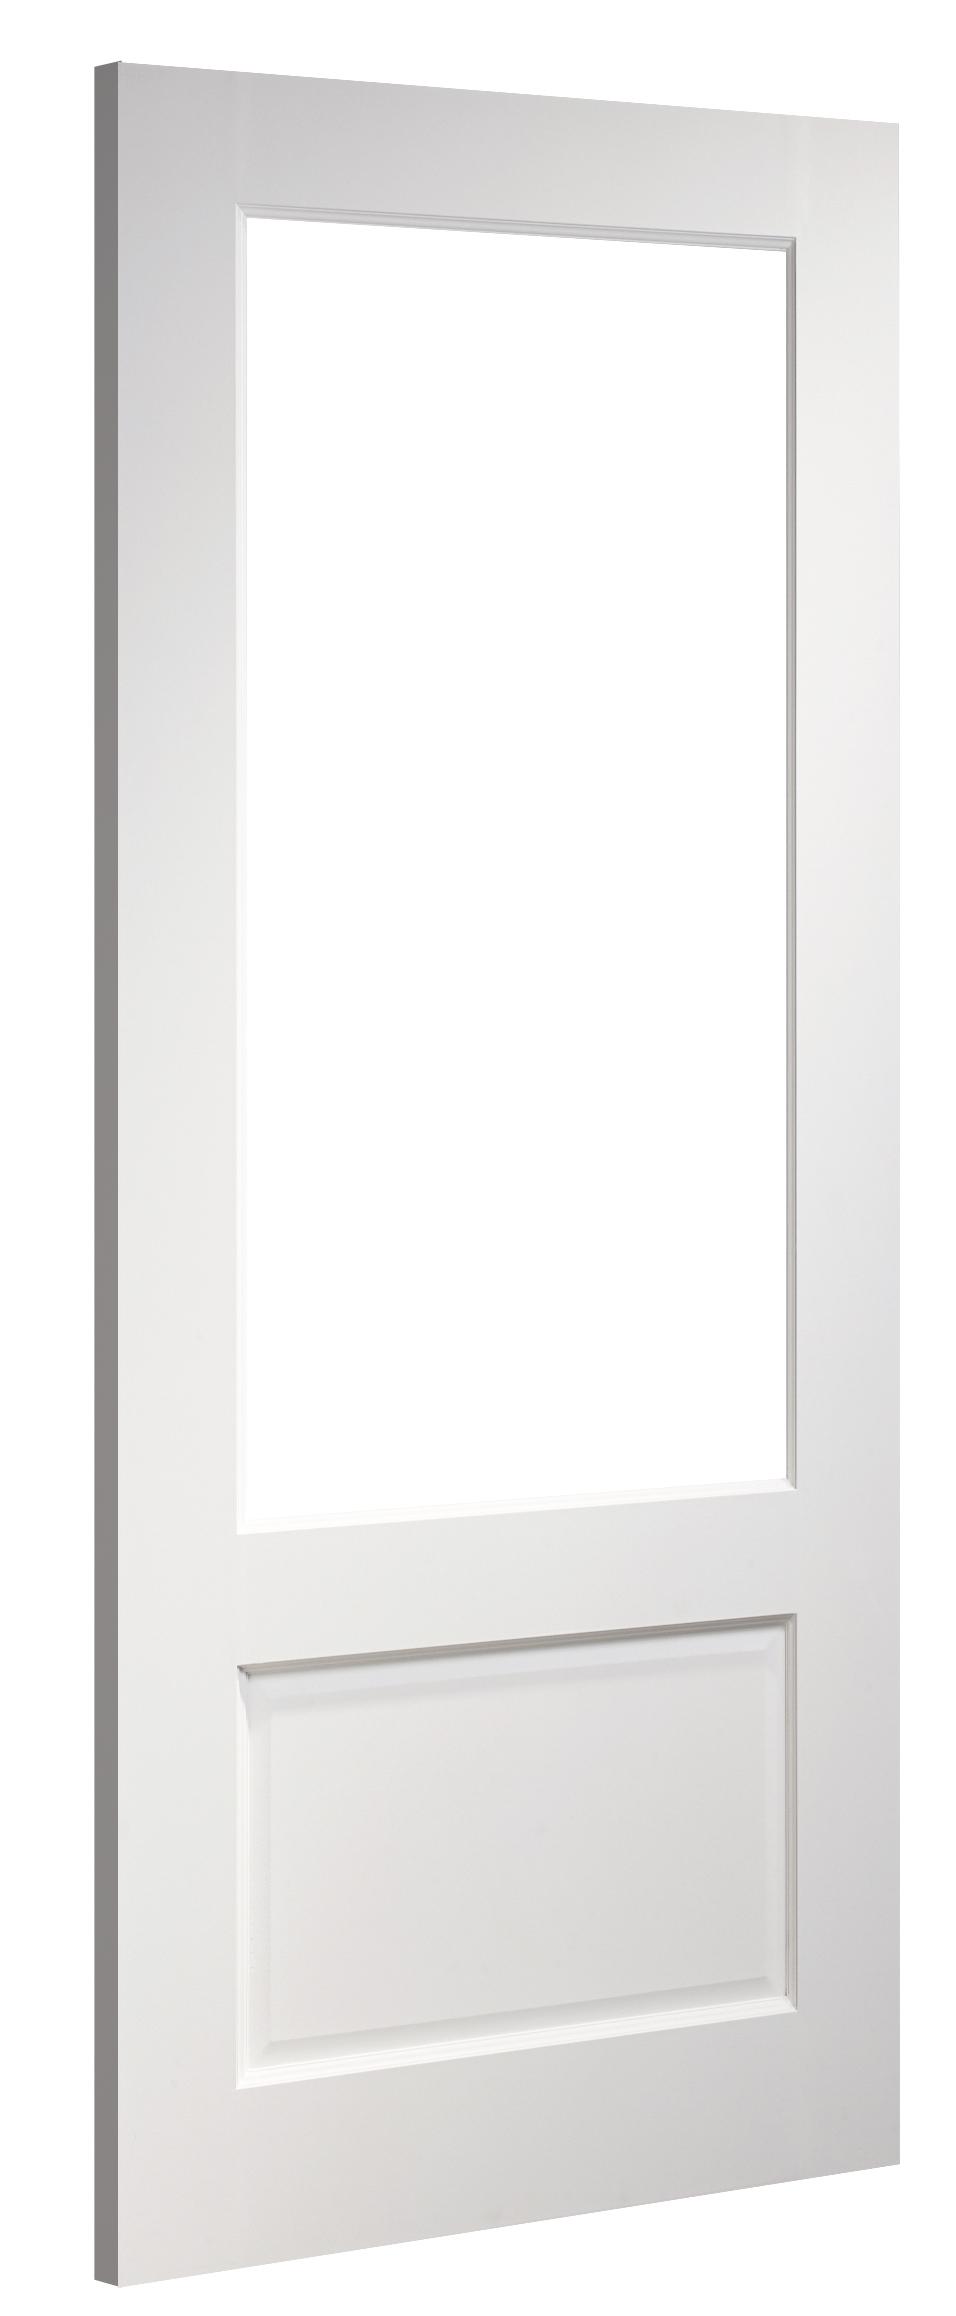 Primed Doors NM3G-UNG